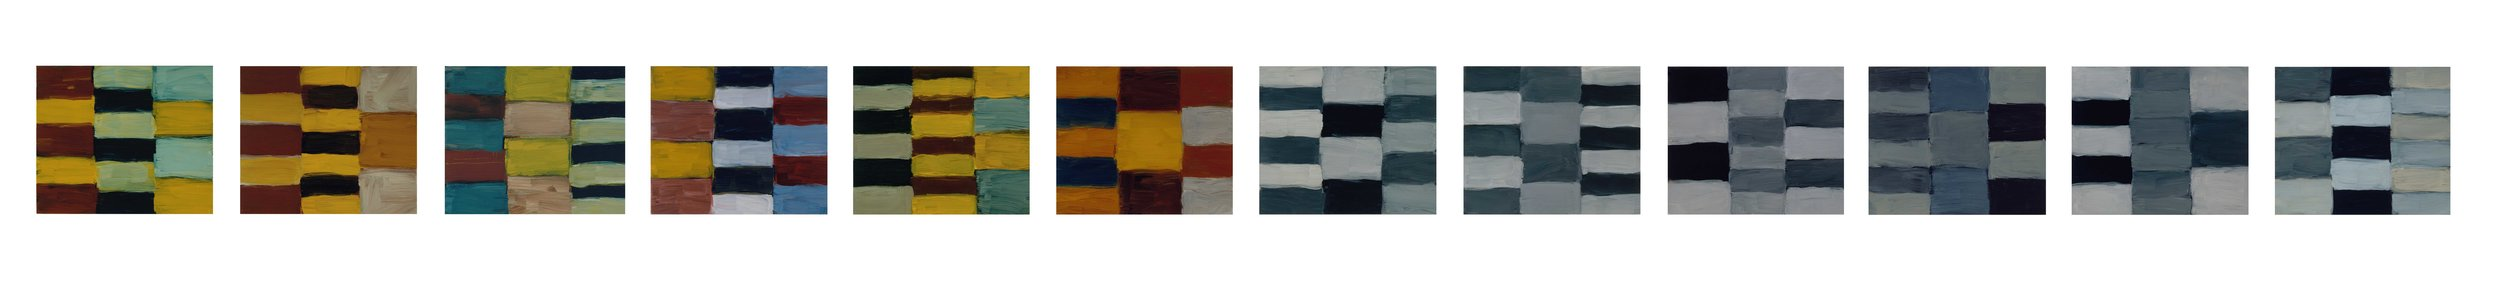 Sean-Scully-12-Triptychs-2008.jpg